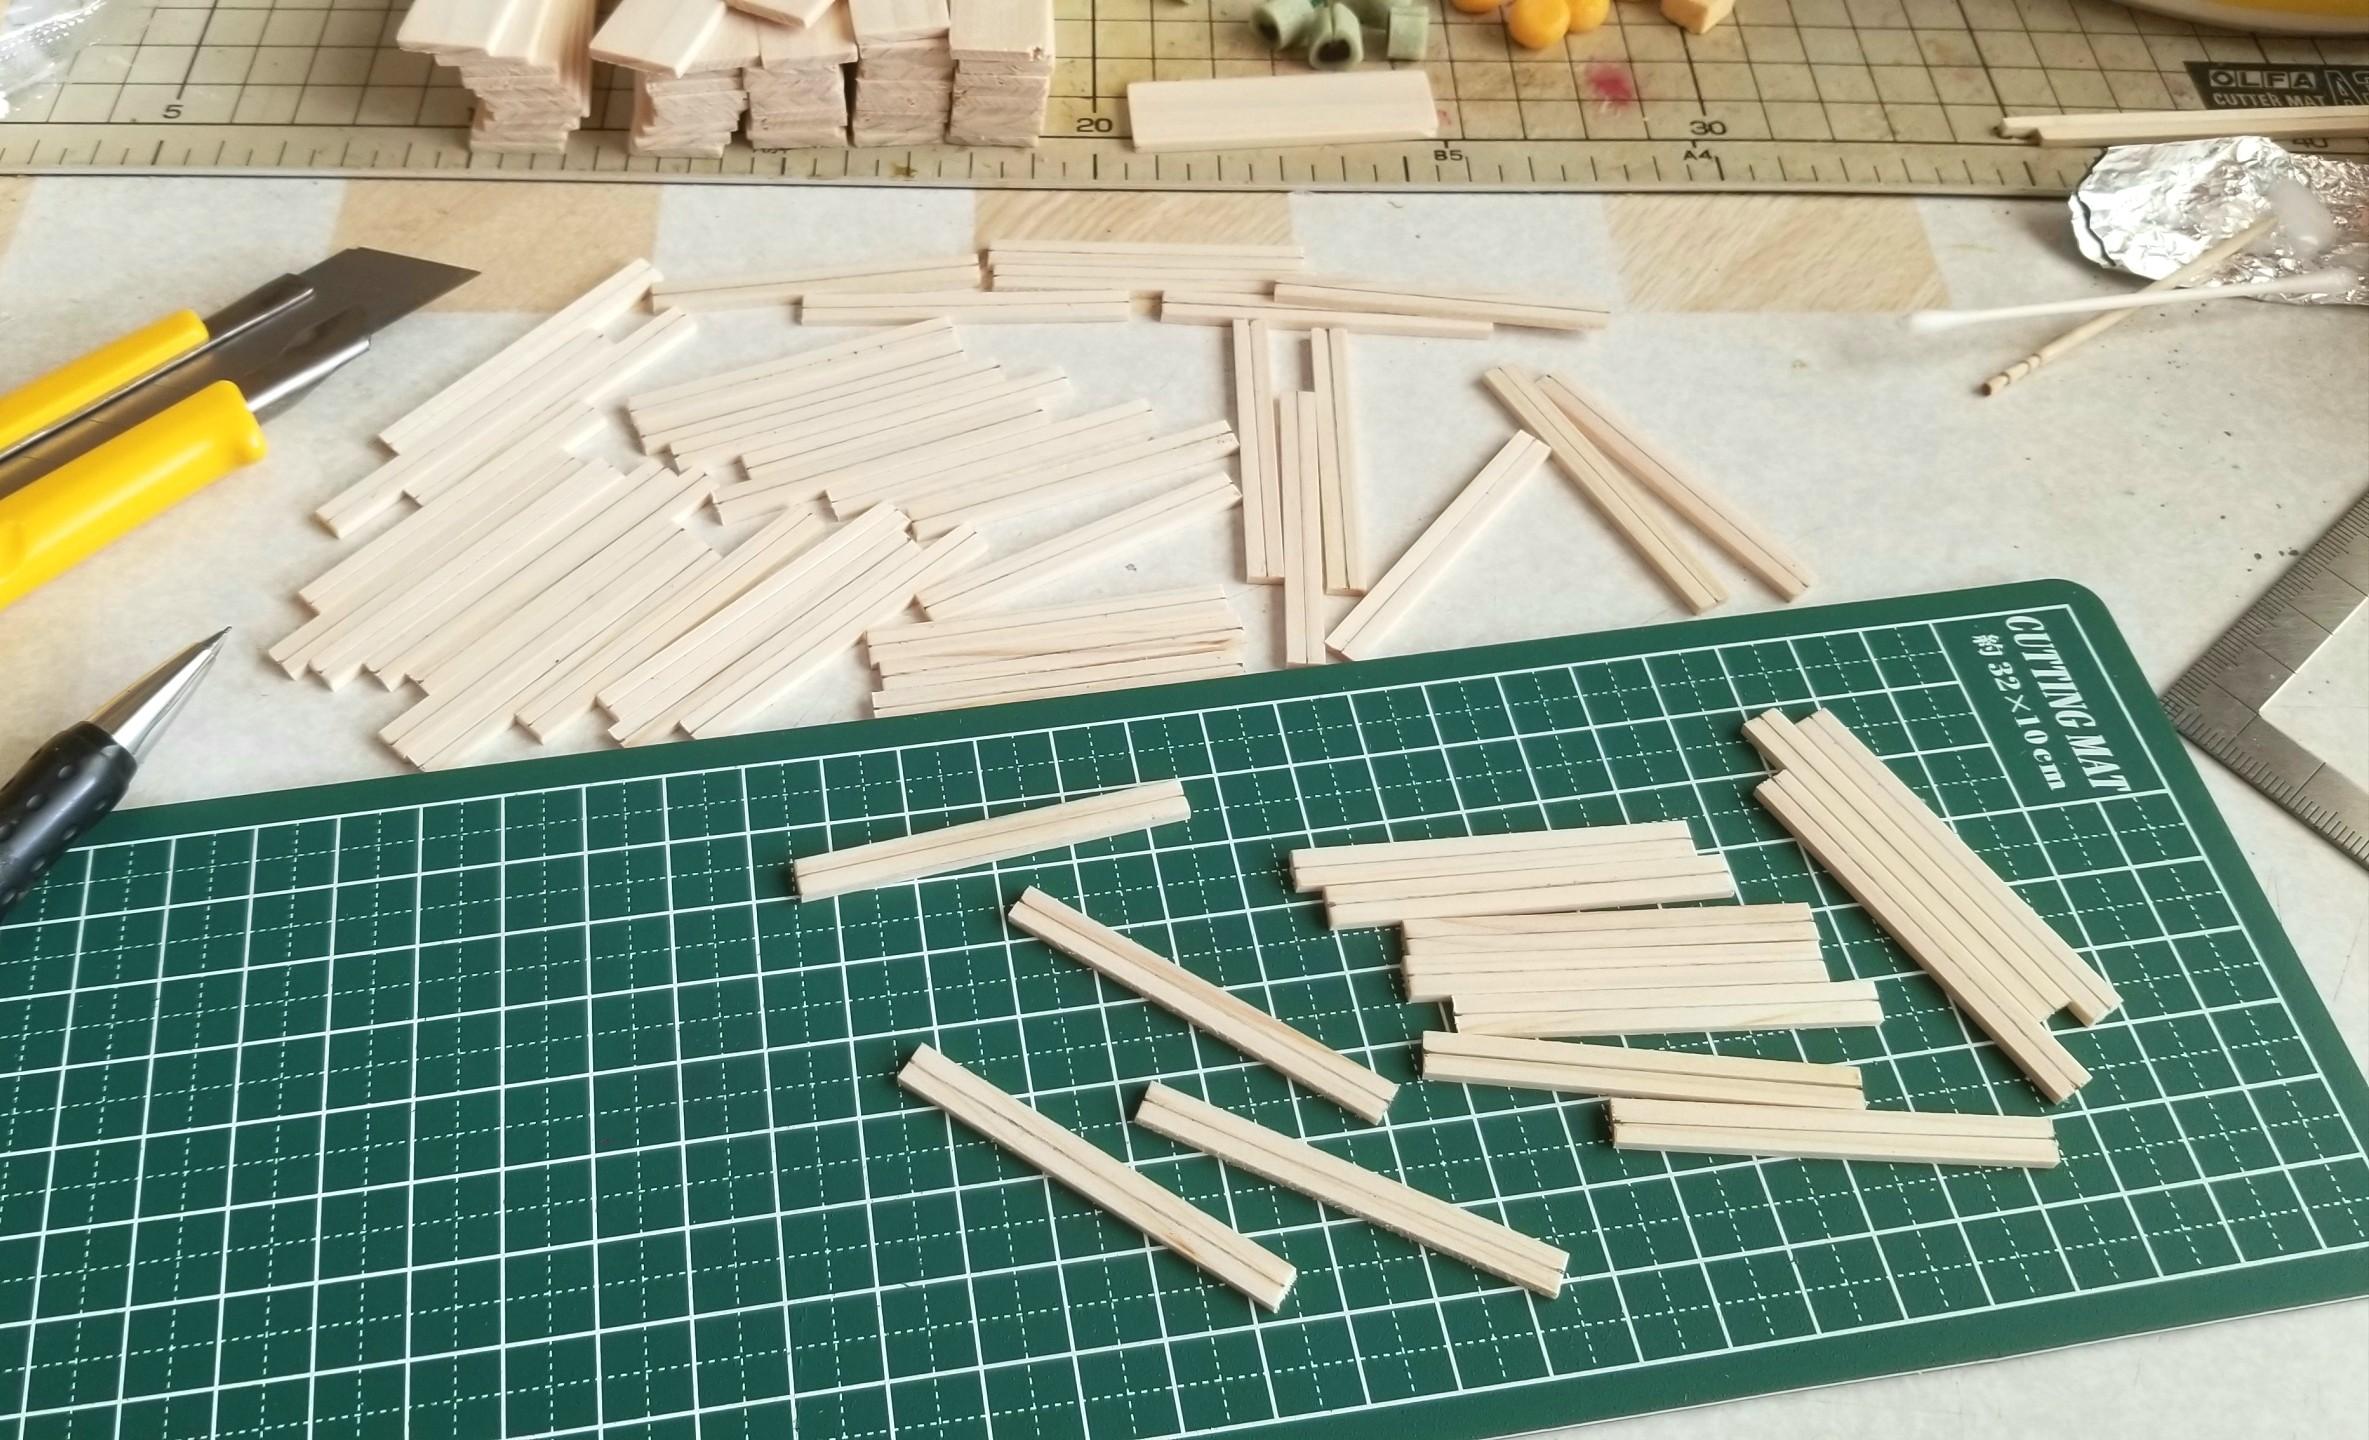 ミニチュアフード,木工作業,木製トレー,箱,作り方,ヒノキ,桧,ドール